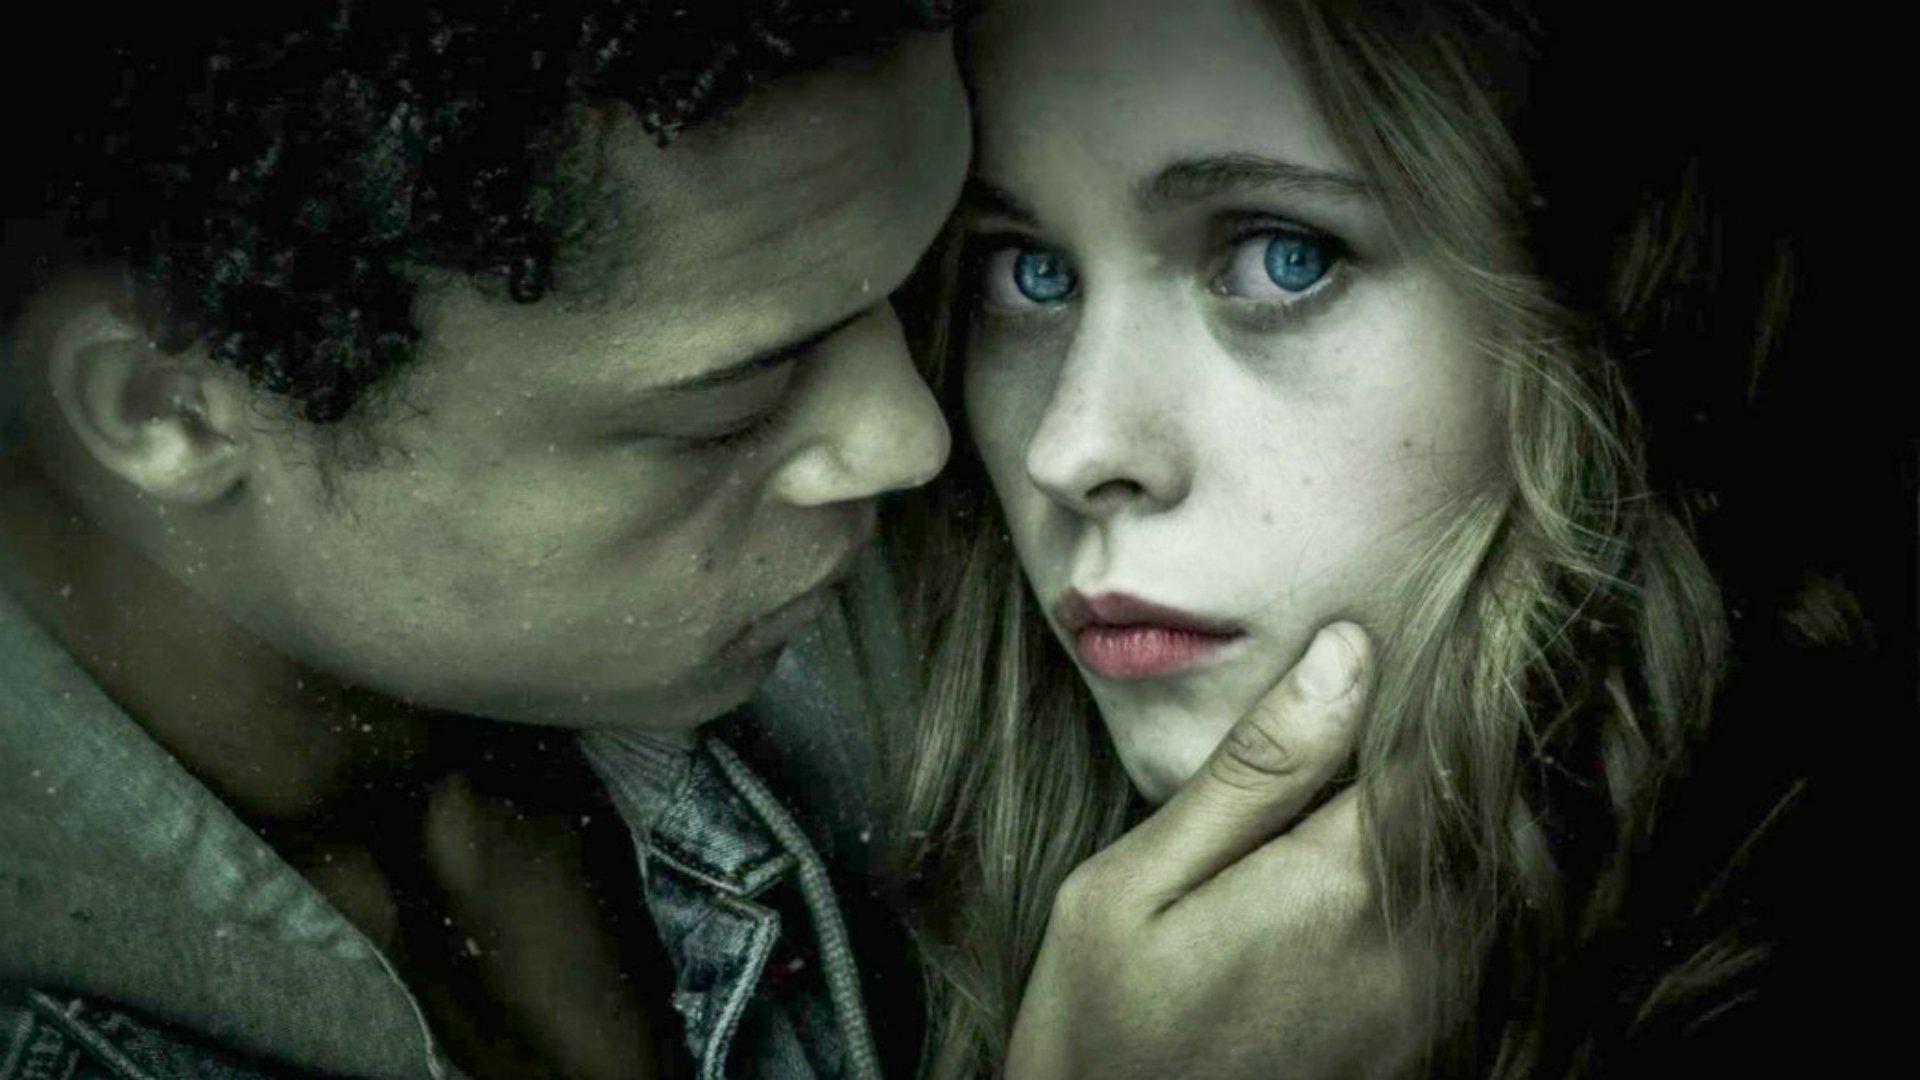 """طرحتشبكة """"نتفليكس"""" البرومو الثاني لمسلسل """"The Innocents: Little Secrets"""" المقرر صدور الموسم الأول منه في 24 من غشت الجاري"""